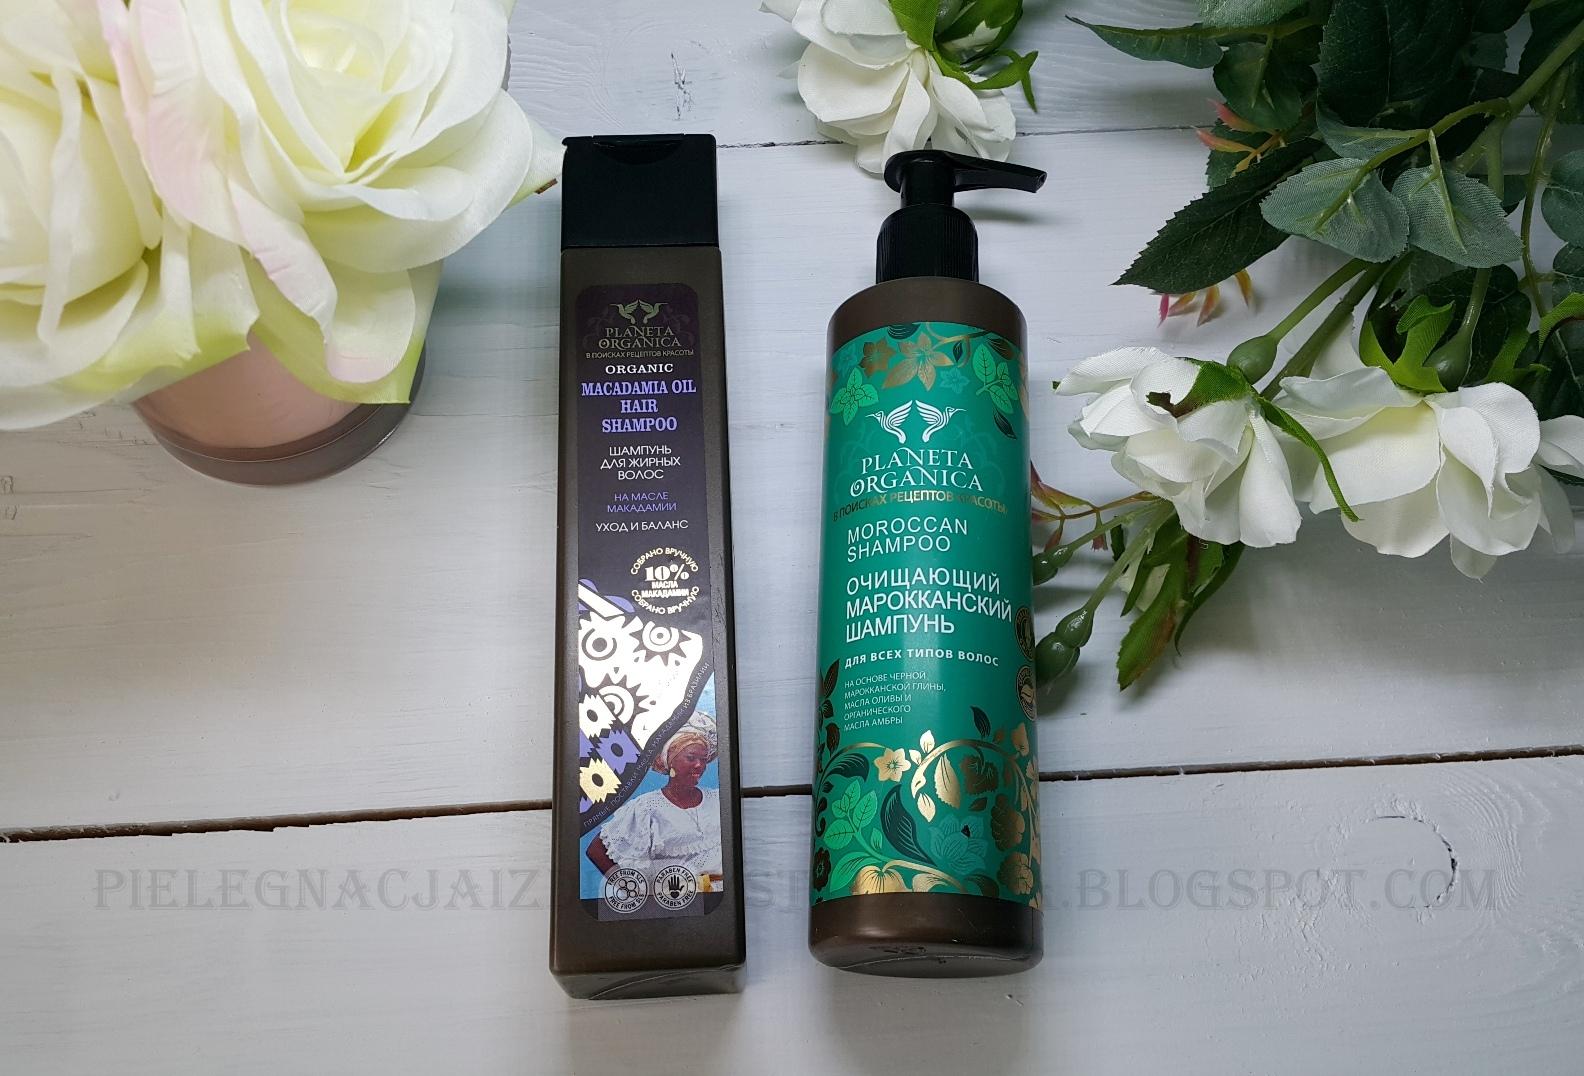 Szampon marokański i szampon oczyszczający z olejem makadamia Planeta Organica | Uważajcie na nie!